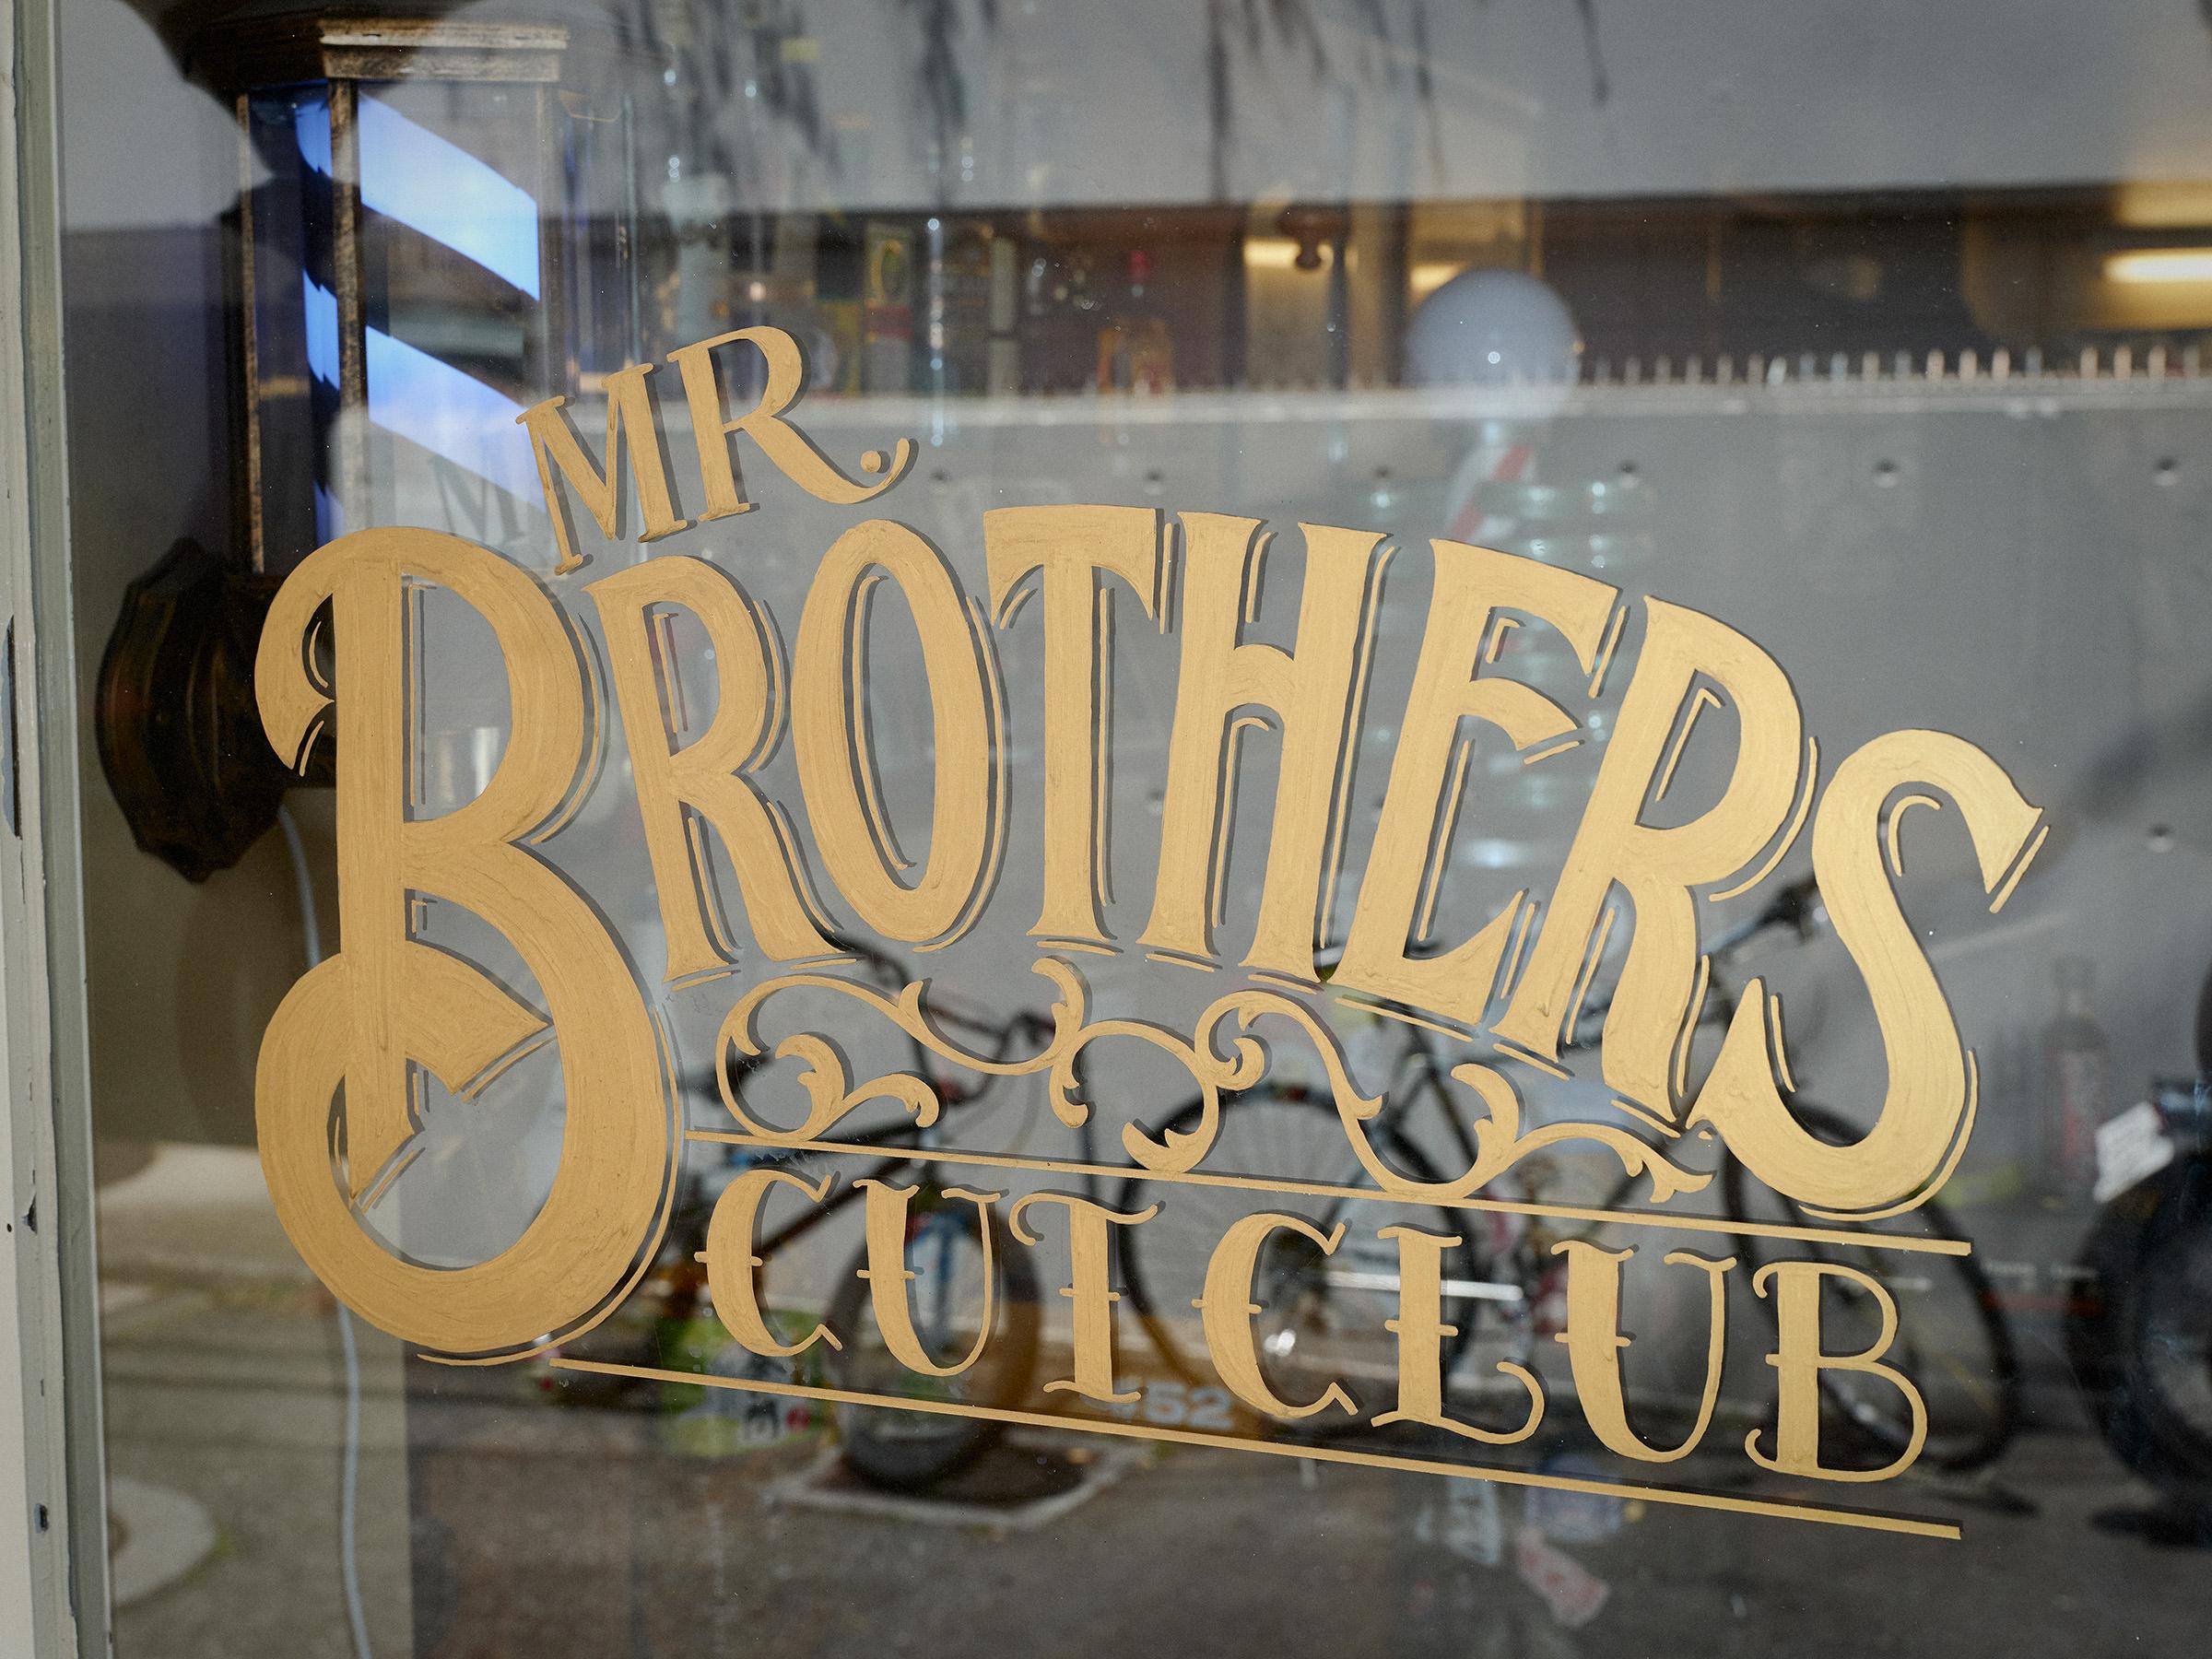 Mr. Brothers Cut Club